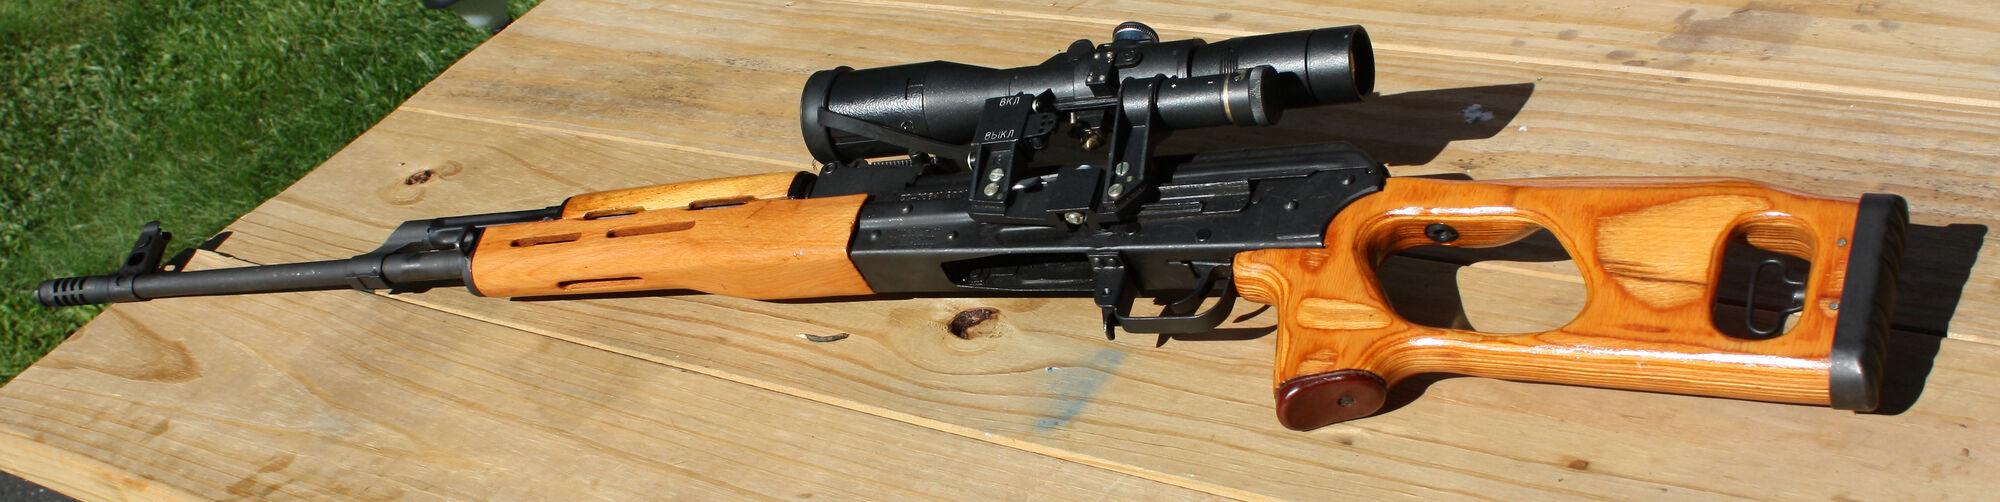 Psl Shooting